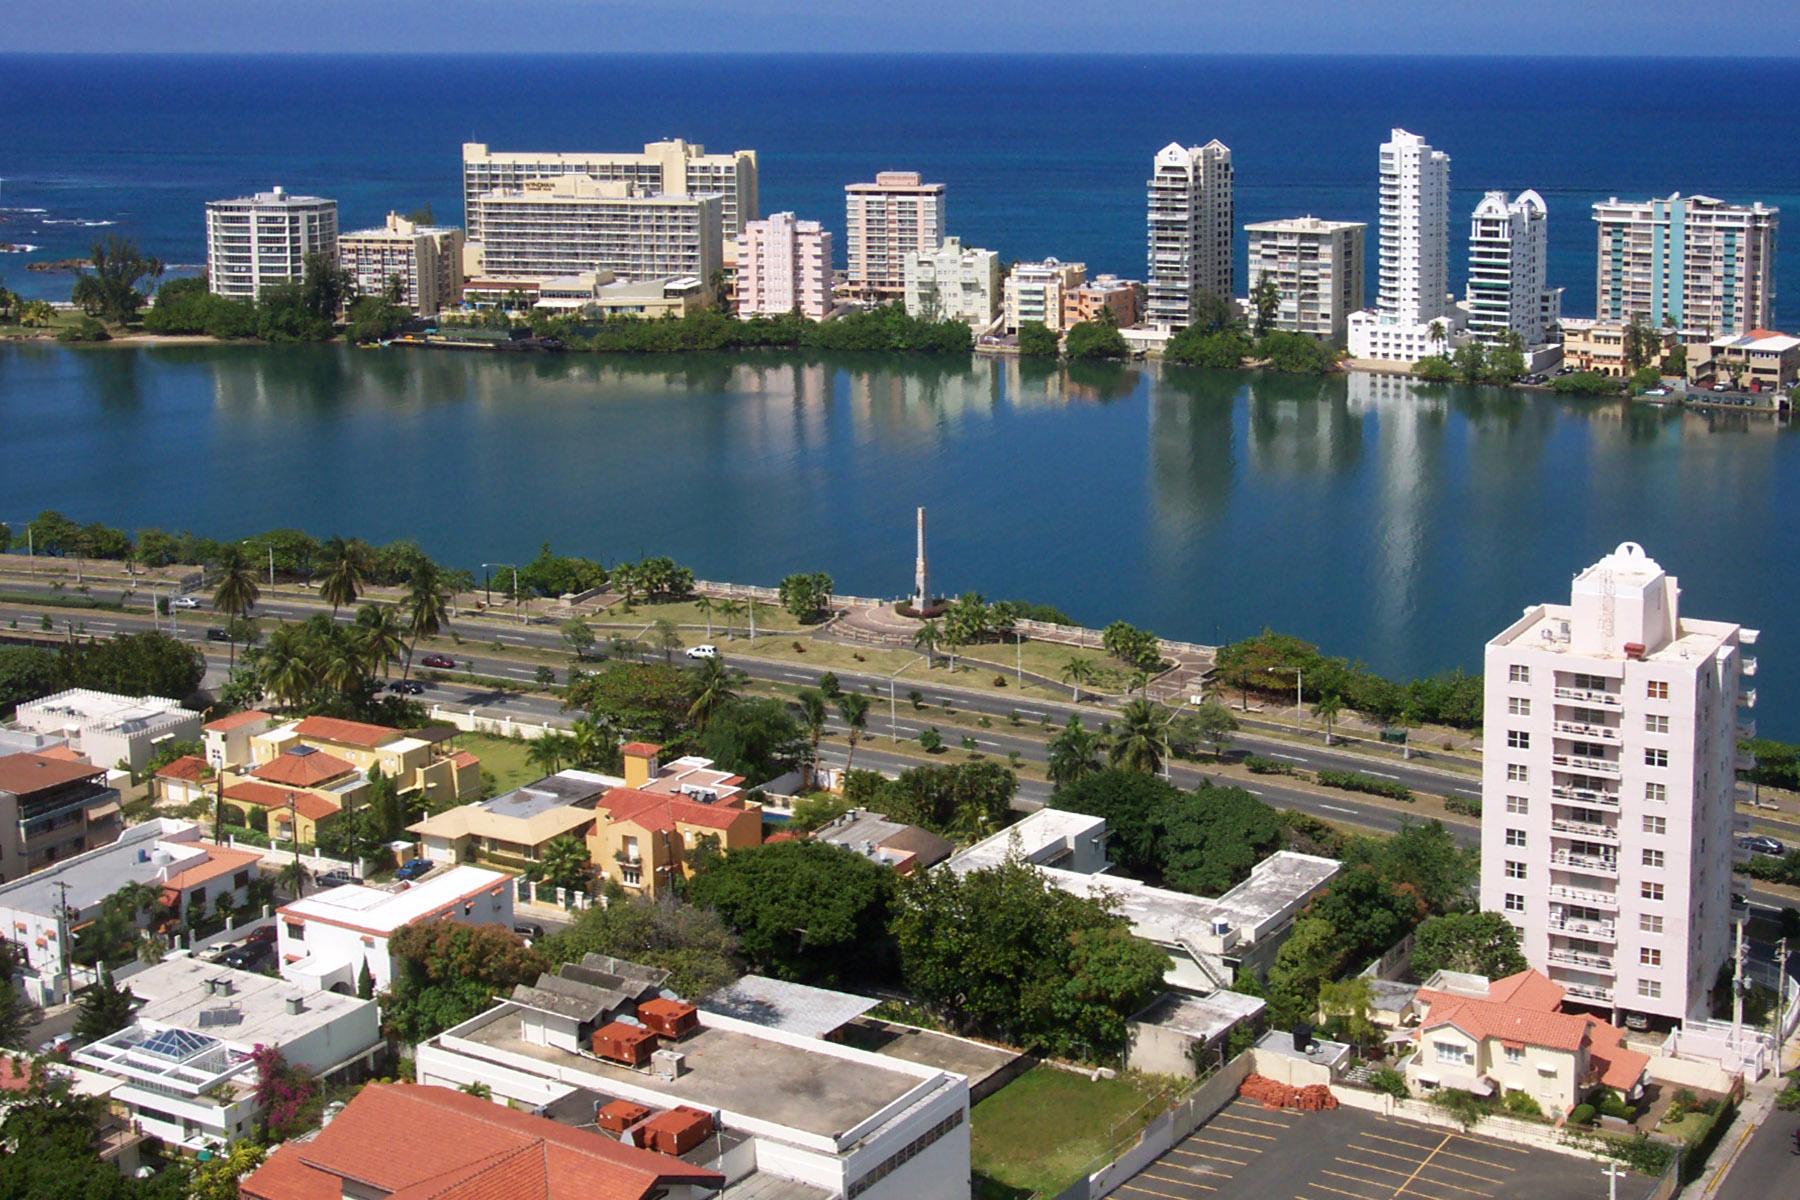 Condado-Miramar foto by Javier Rodriguez Galarza